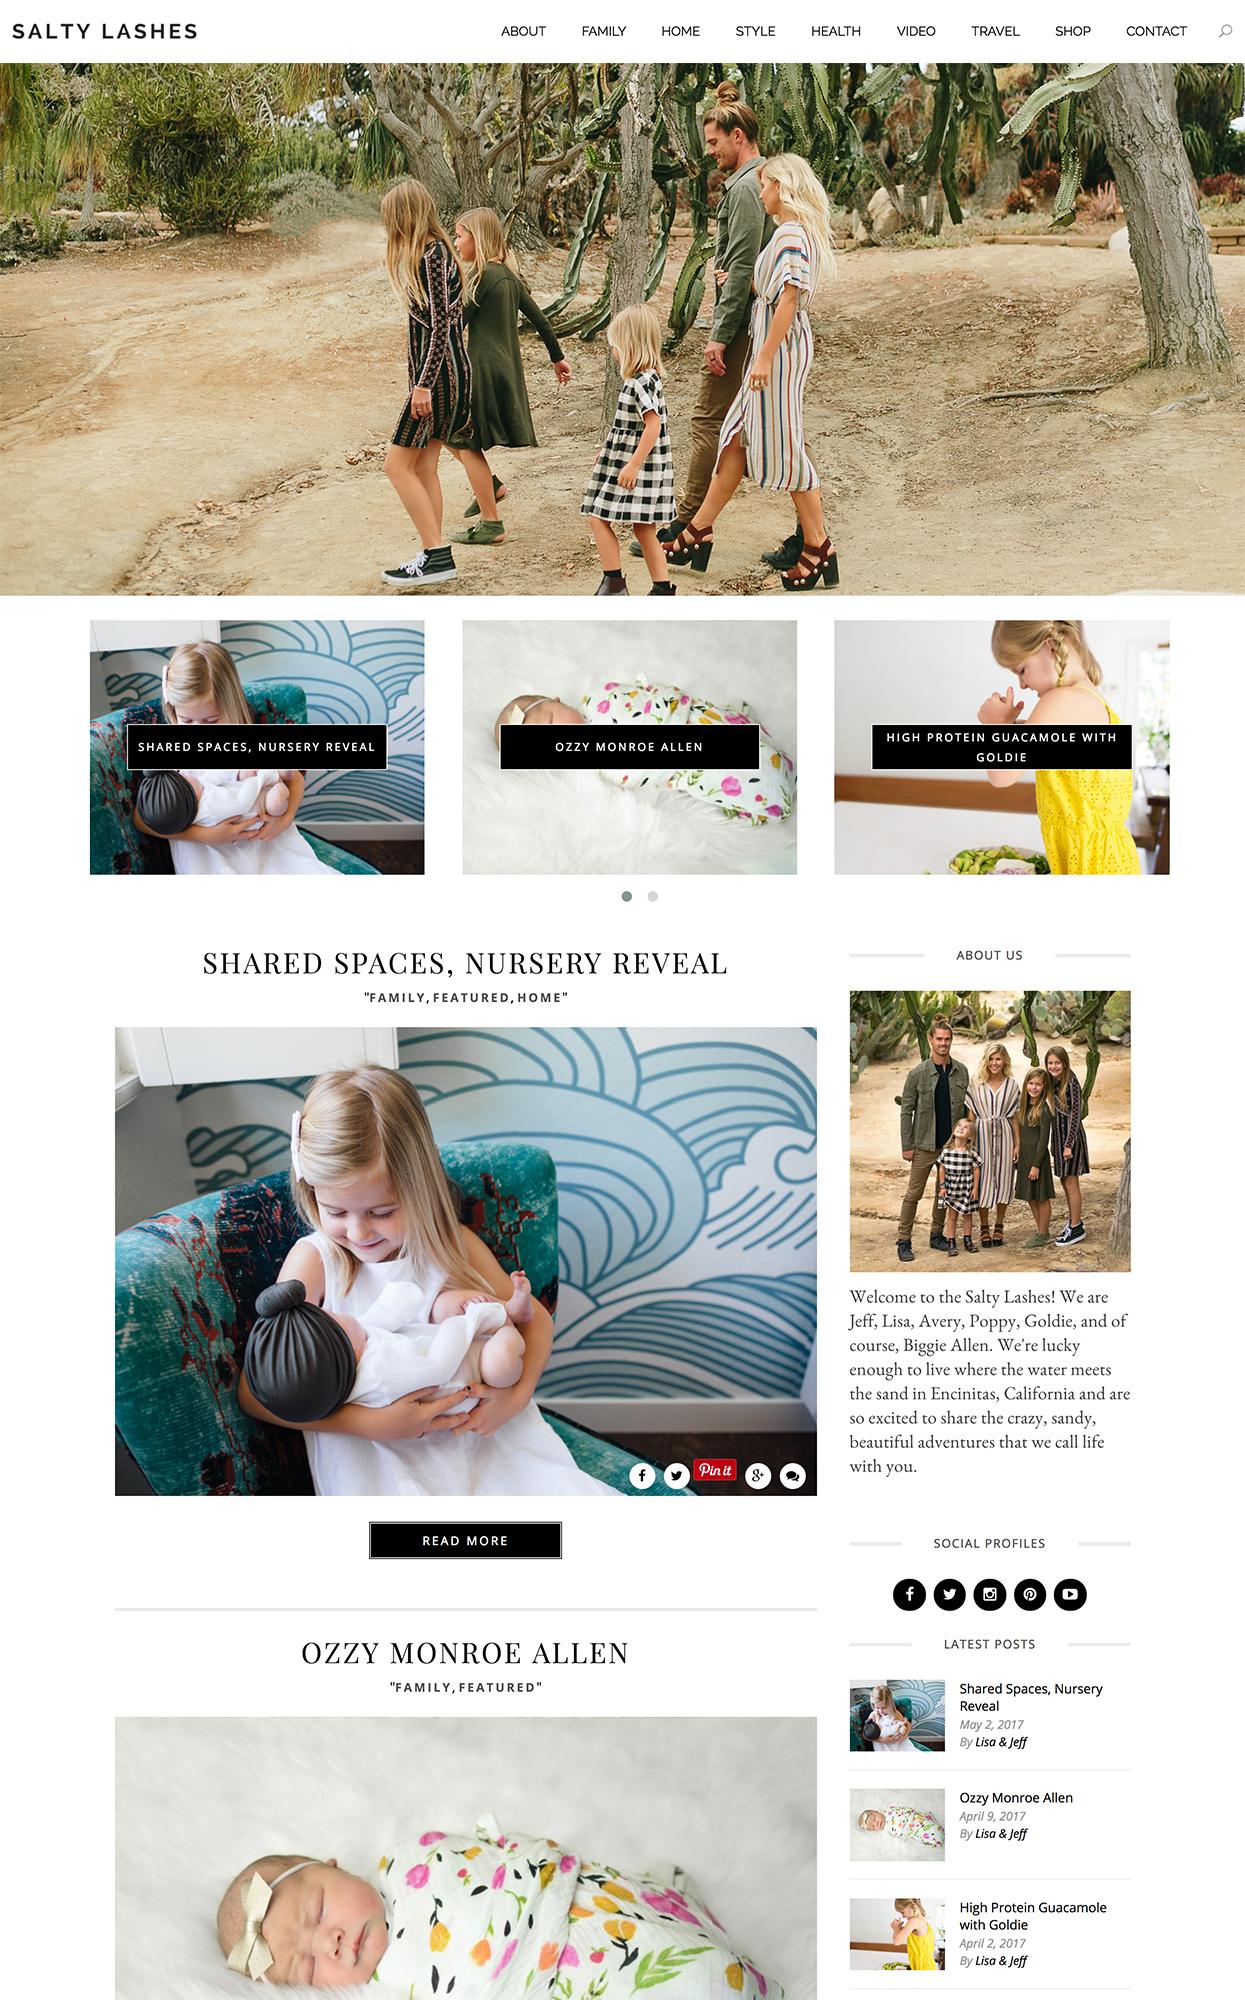 @lisa_allen - BloggerLifestyle + Family Blog42.1k followers